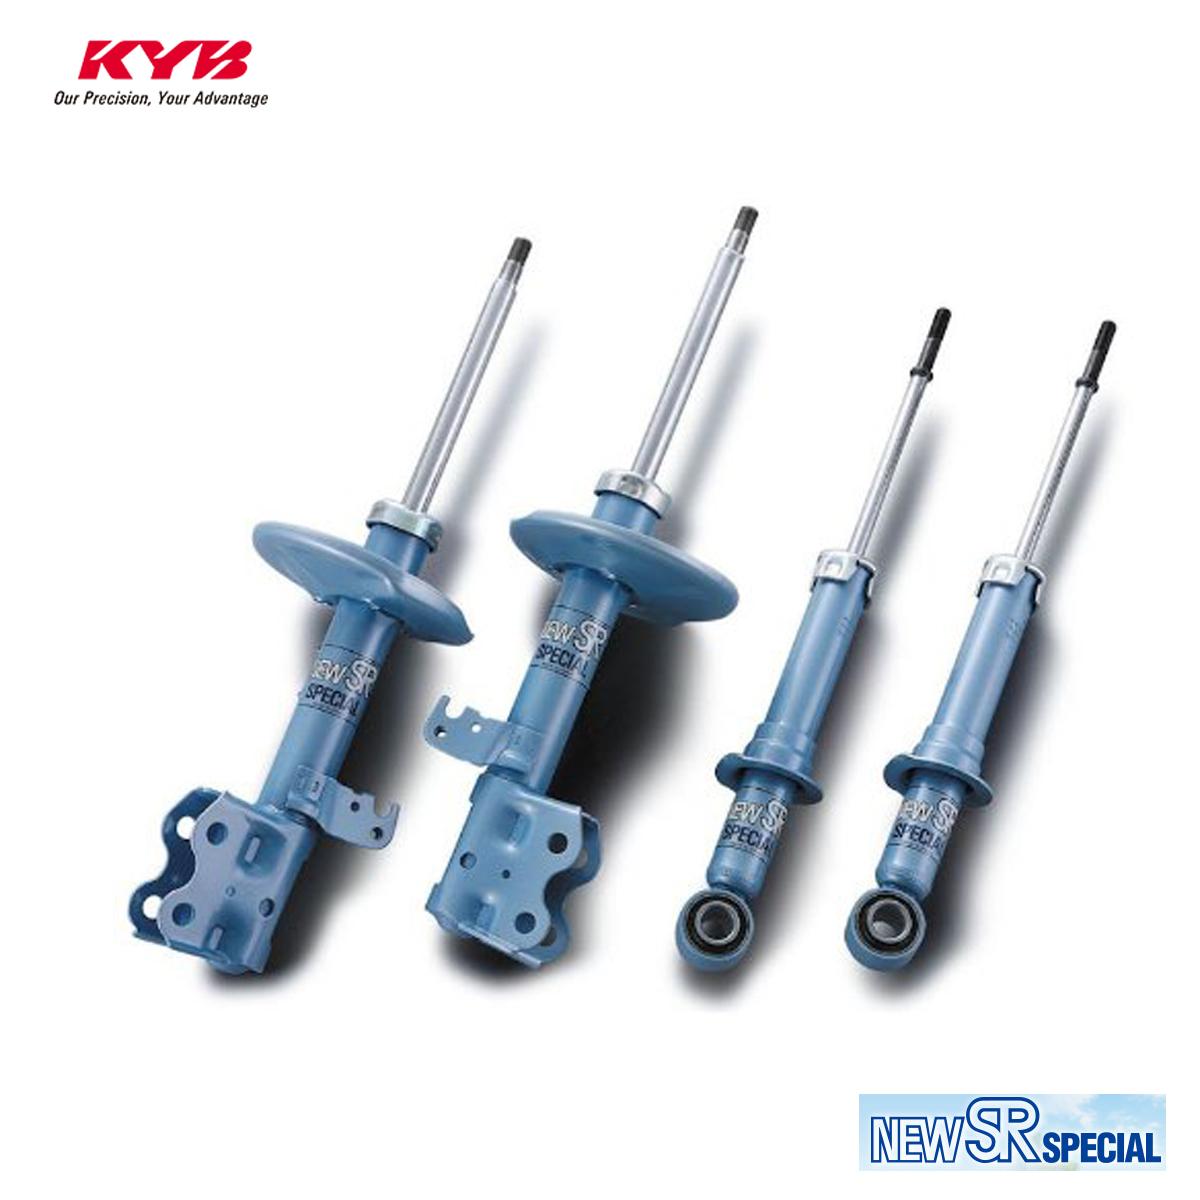 KYB カヤバ ウィンダム MCV30 ショックアブソーバー フロント 左用 1本 NEW SR SPECIAL NST5298L 配送先条件有り